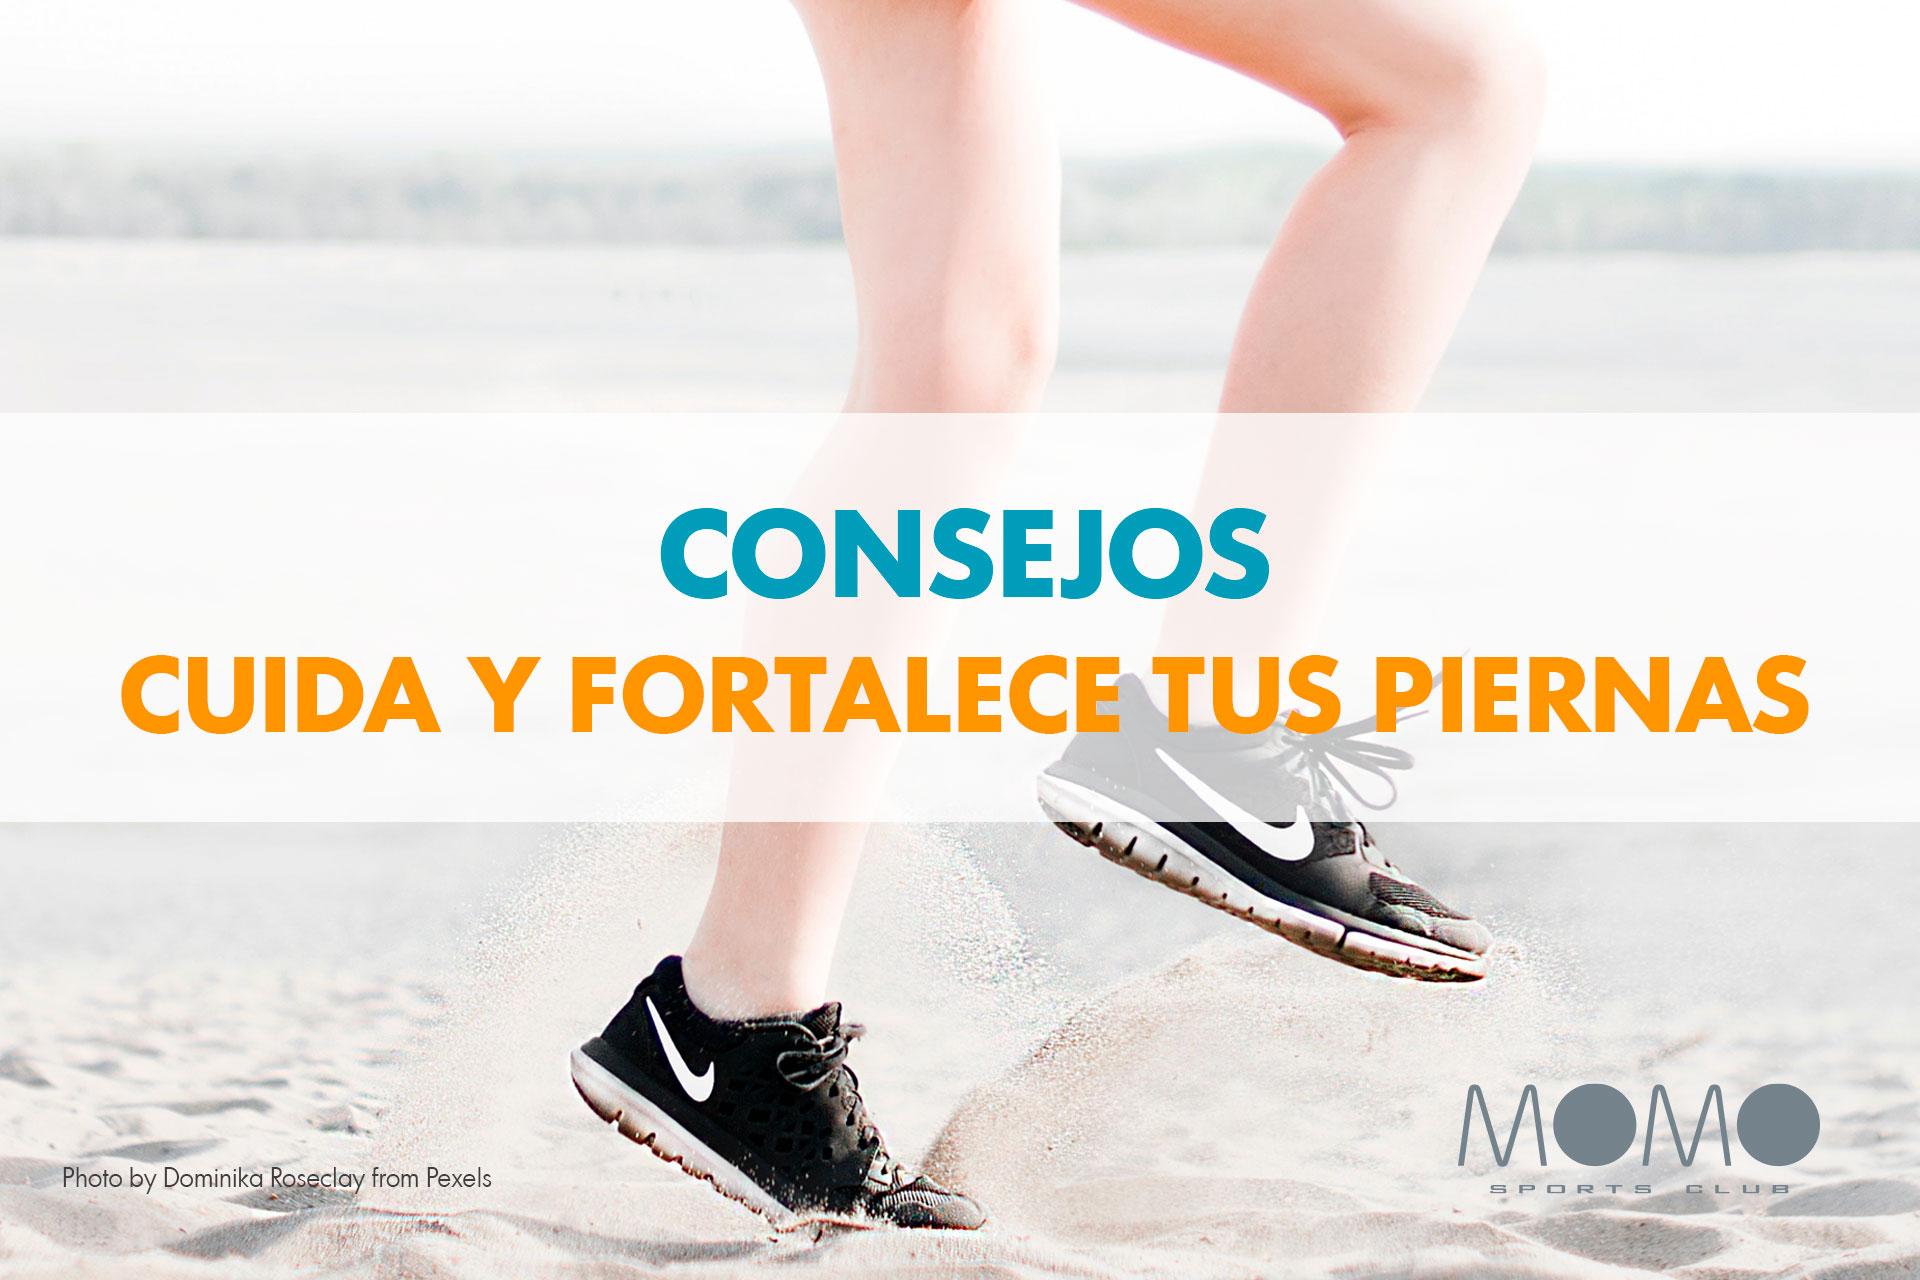 Consejos para cuidar y fortalecer tus piernas